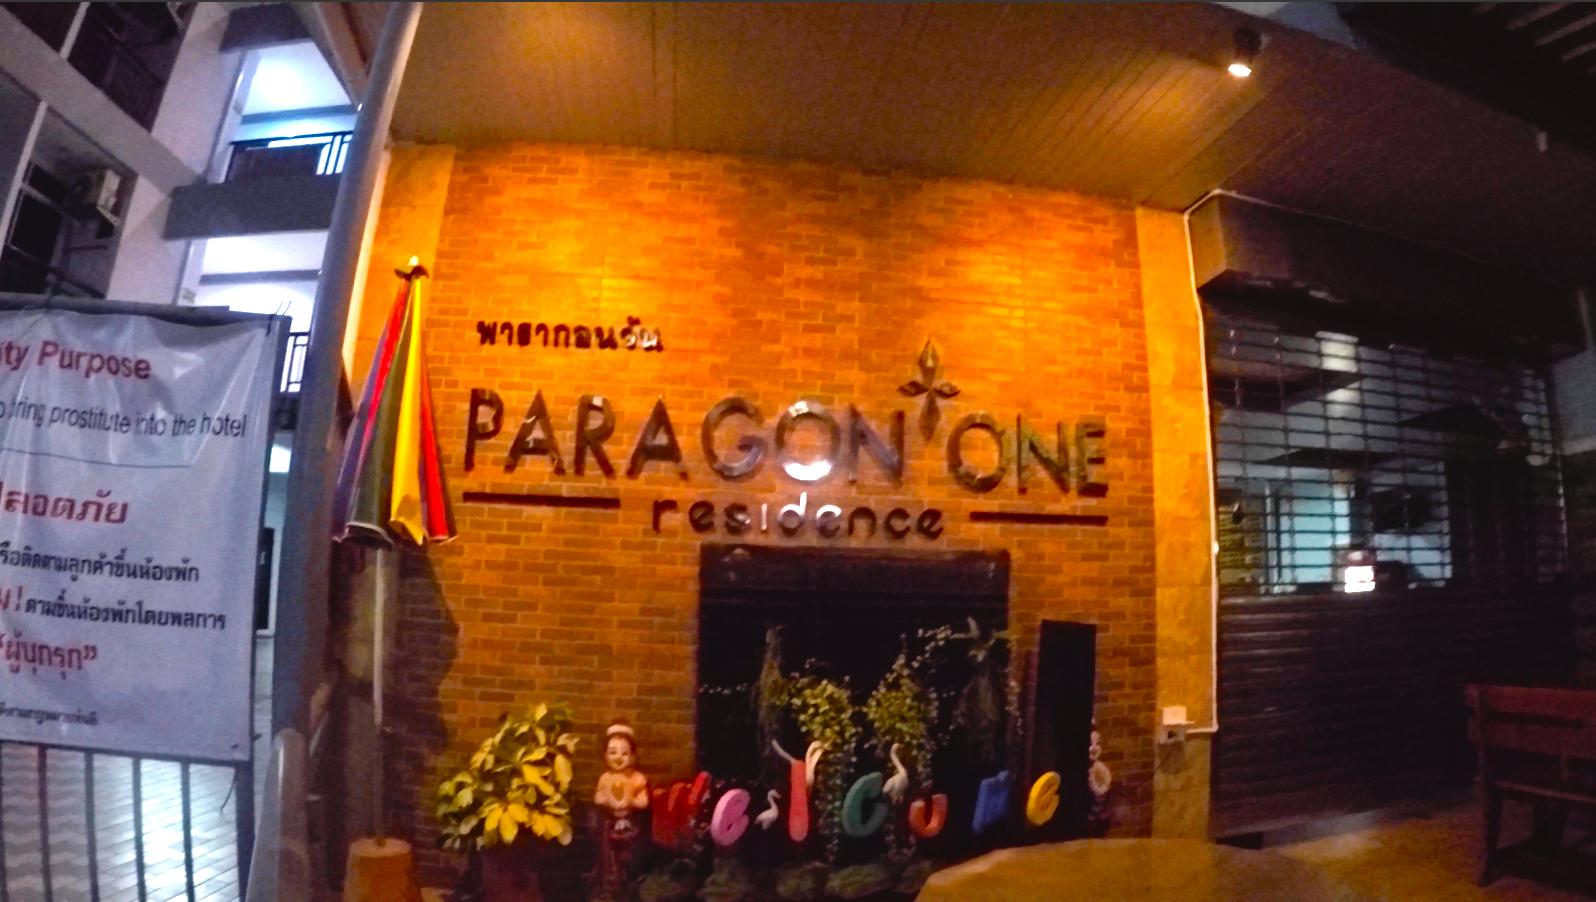 タイバンコクのホテル「パラゴンワンレジデンス」に泊まった感想と室内【画像あり】